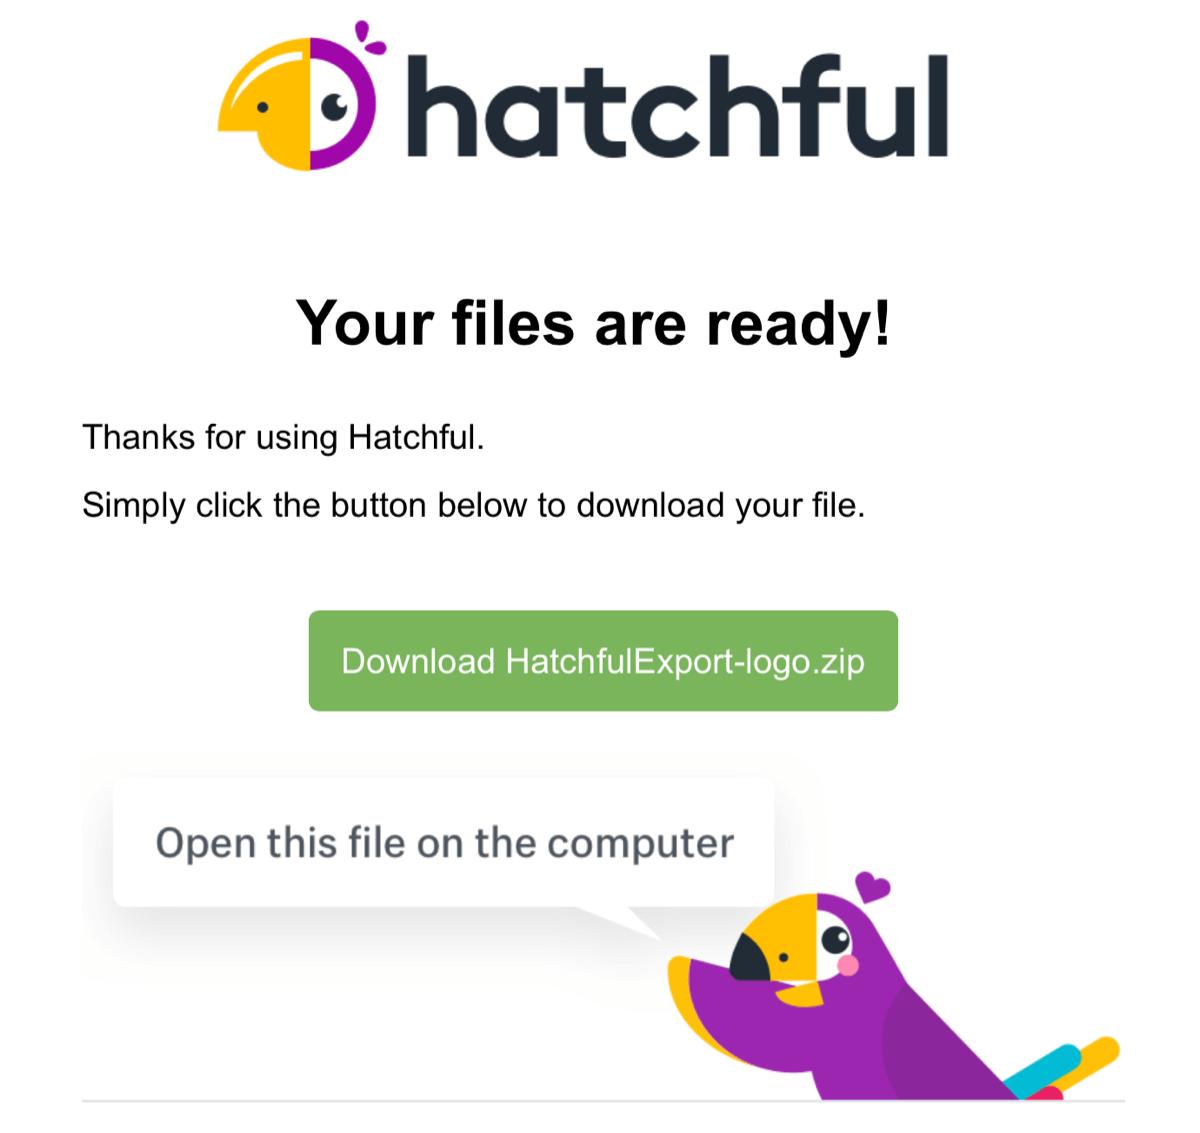 メールにzipファイルが添付